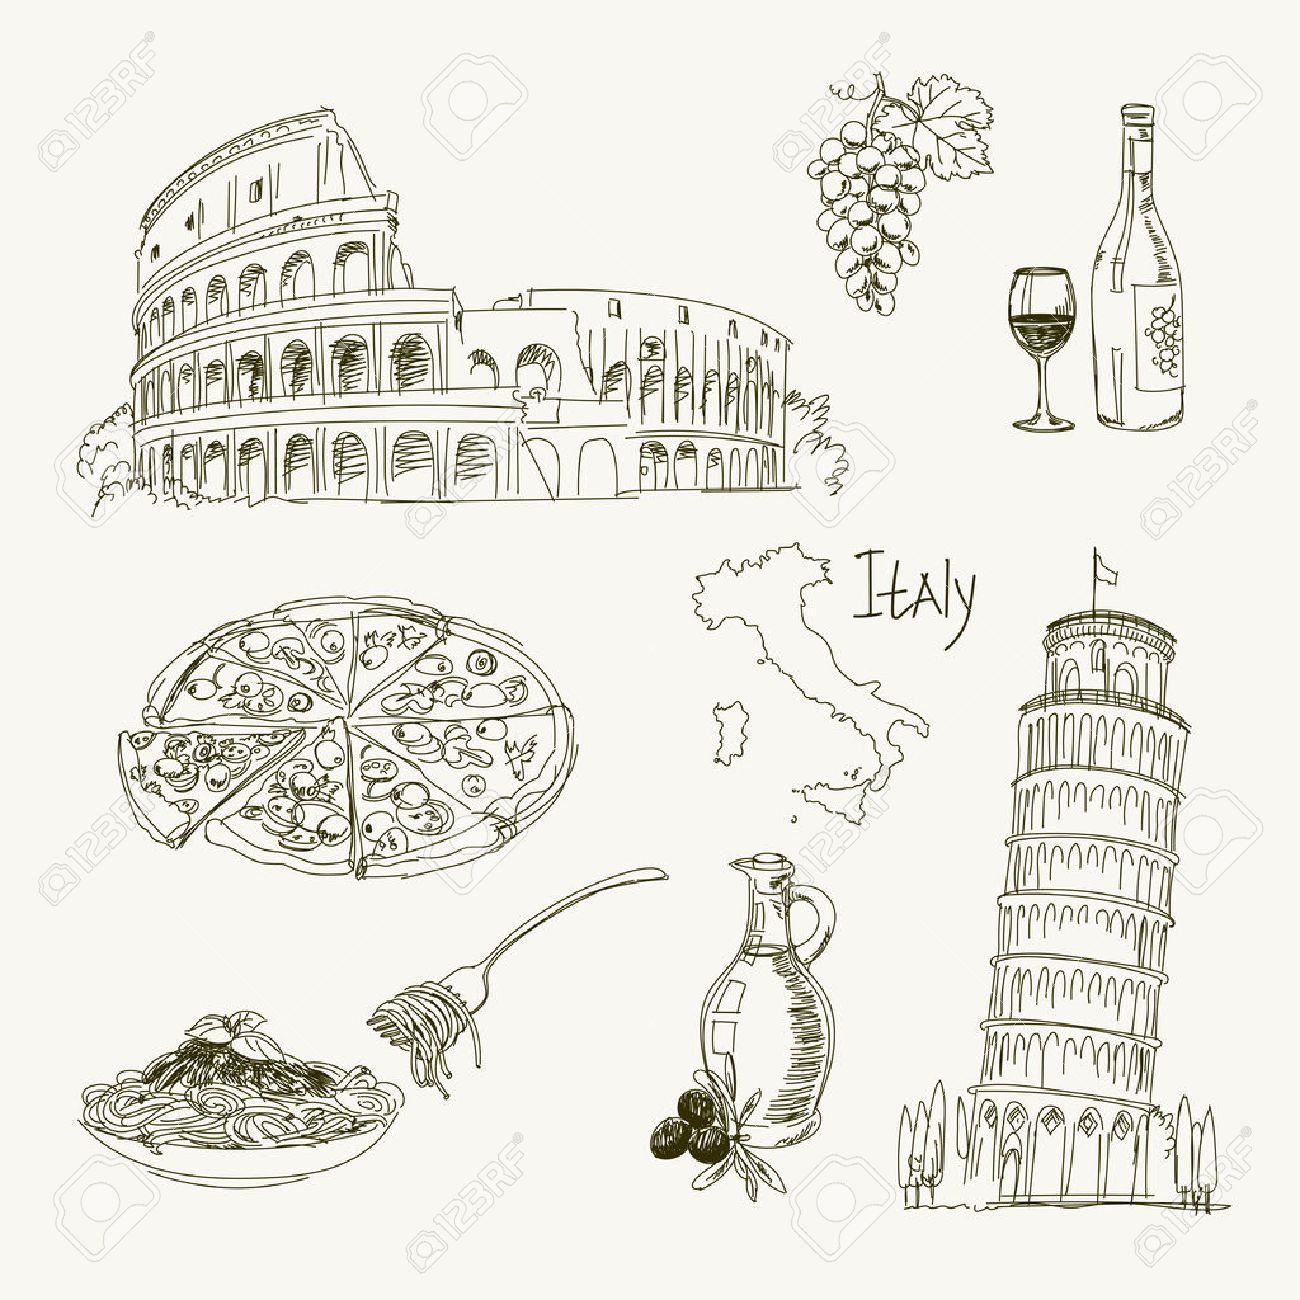 Dessin Avec La Main dessin à main levée italie objets sur une feuille de cahier d'exercices. la  tour penchée de pise. colisée. vector illustration. isolé sur fond blanc